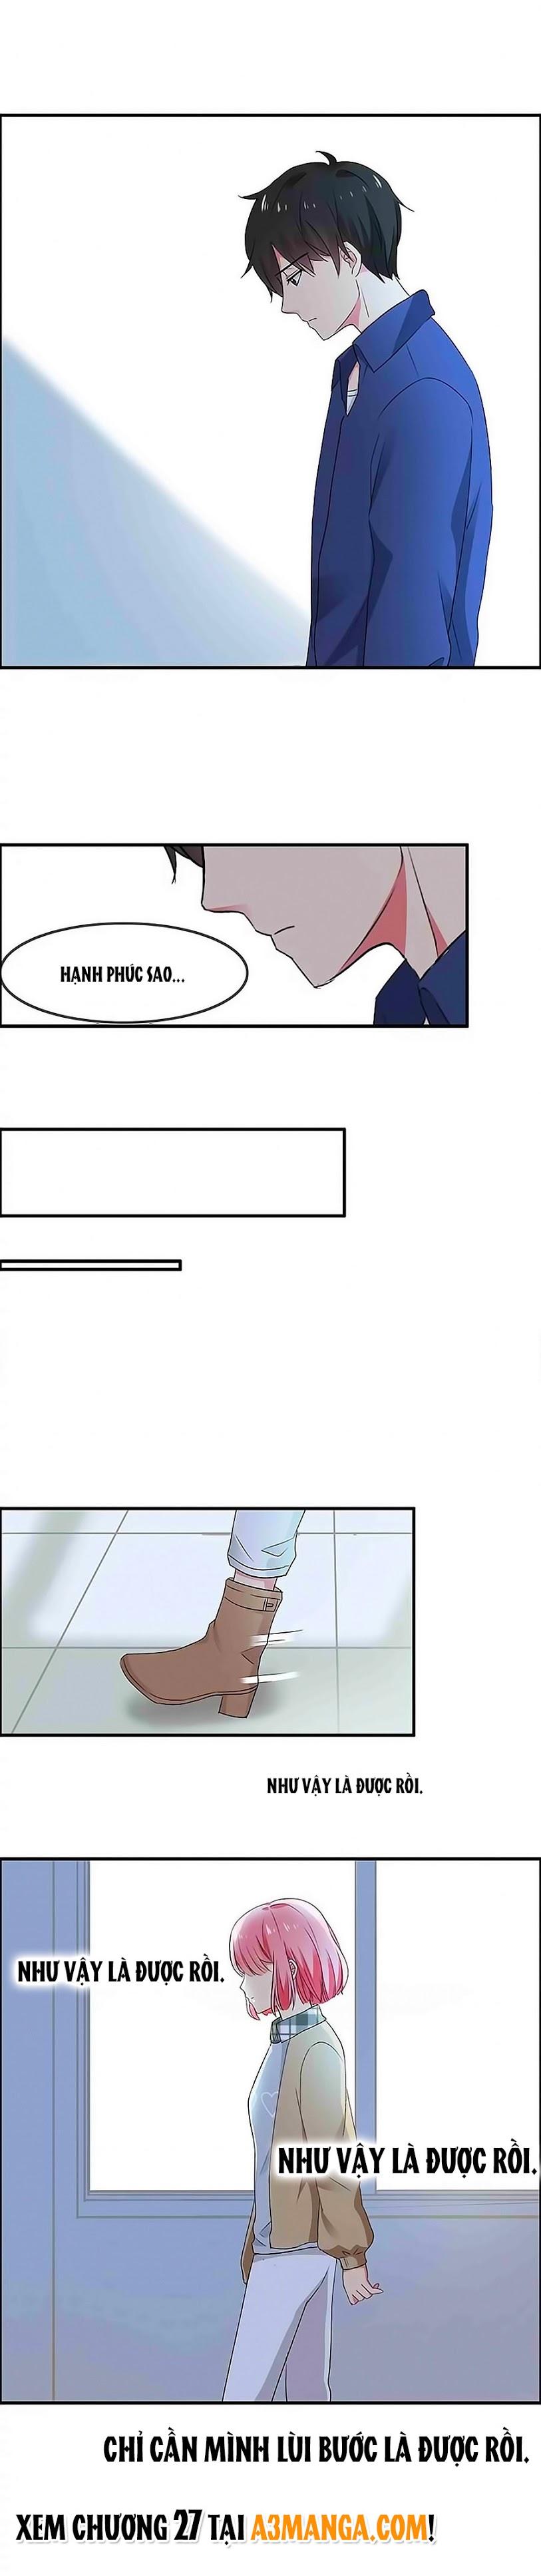 Đại Thần Tình Yêu Chớ Chạm Tôi chap 26 - Trang 13